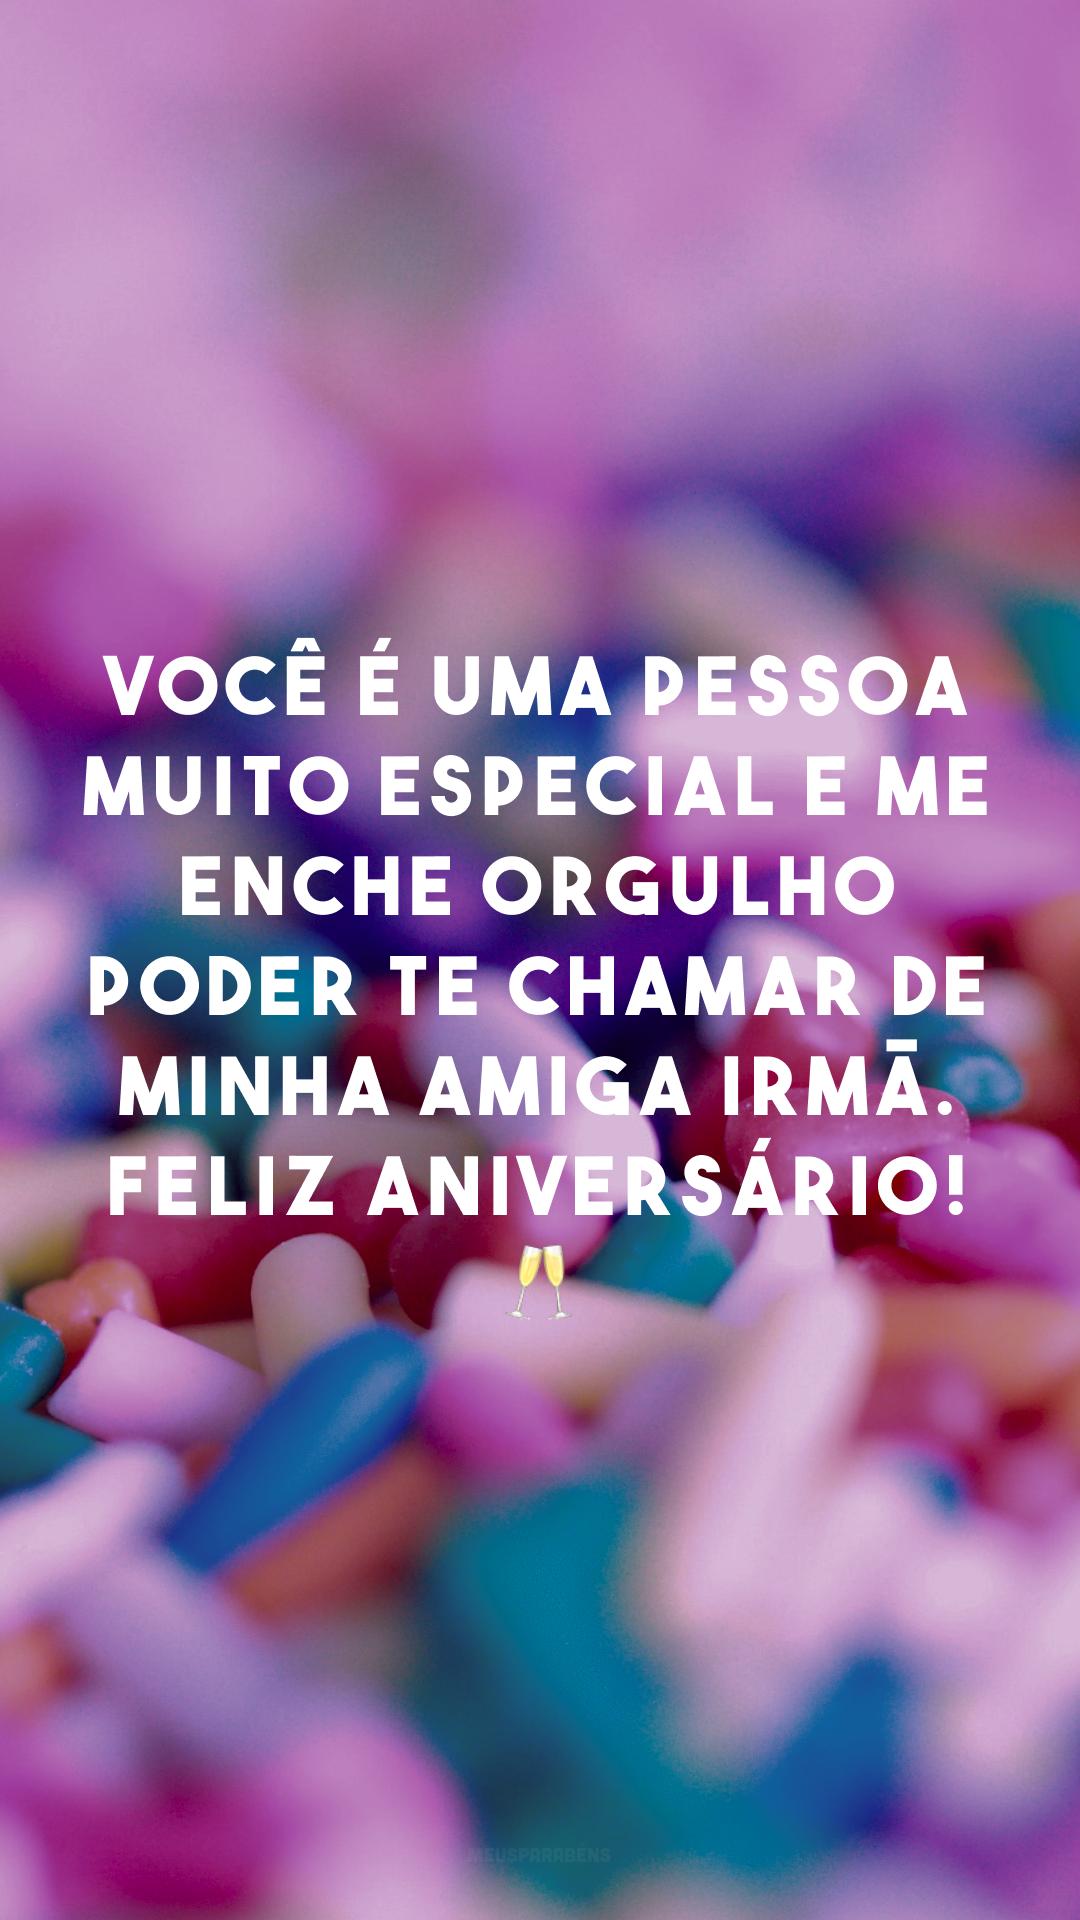 Você é uma pessoa  muito especial e me enche orgulho poder te chamar de minha amiga irmã. Feliz Aniversário! 🥂